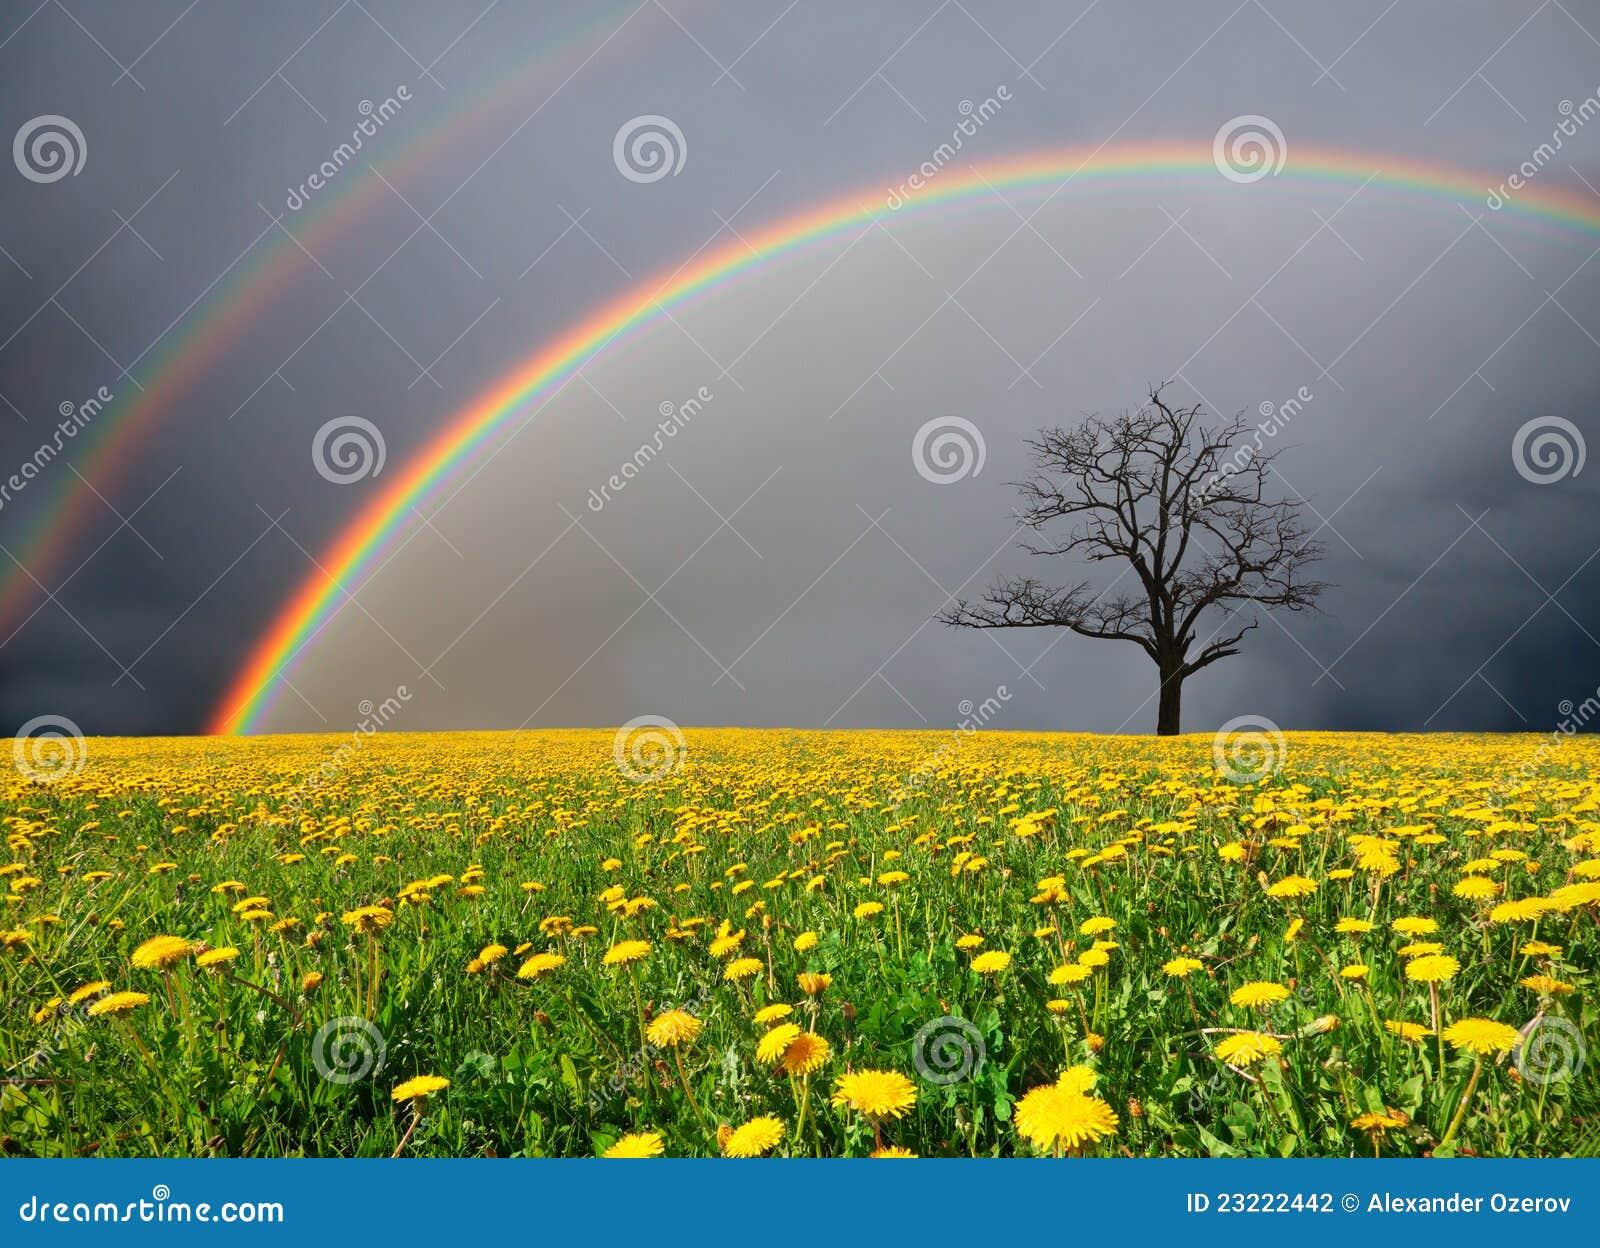 Gebied en dode boom onder bewolkte hemel met regenboog